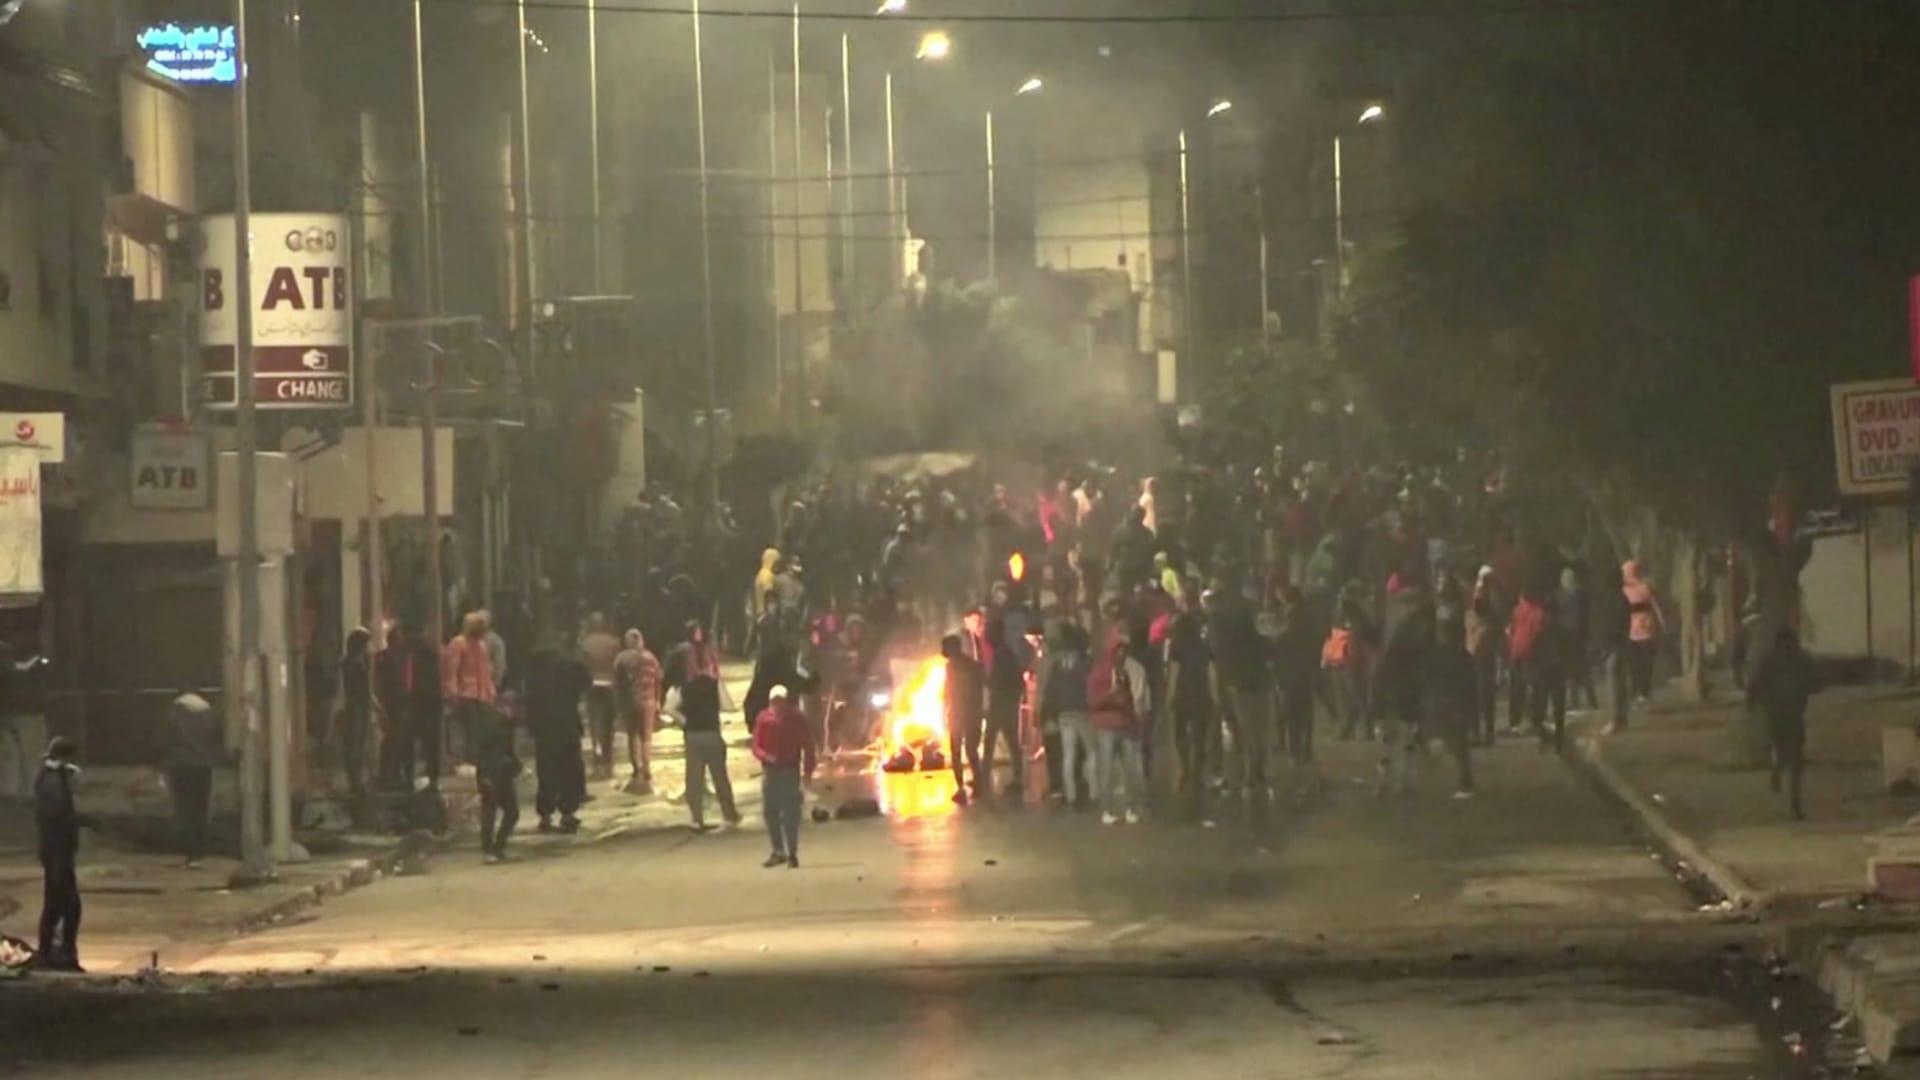 بعد الاحتجاجات العنيفة في تونس.. تعديل وزاري في البرلمان التونسي